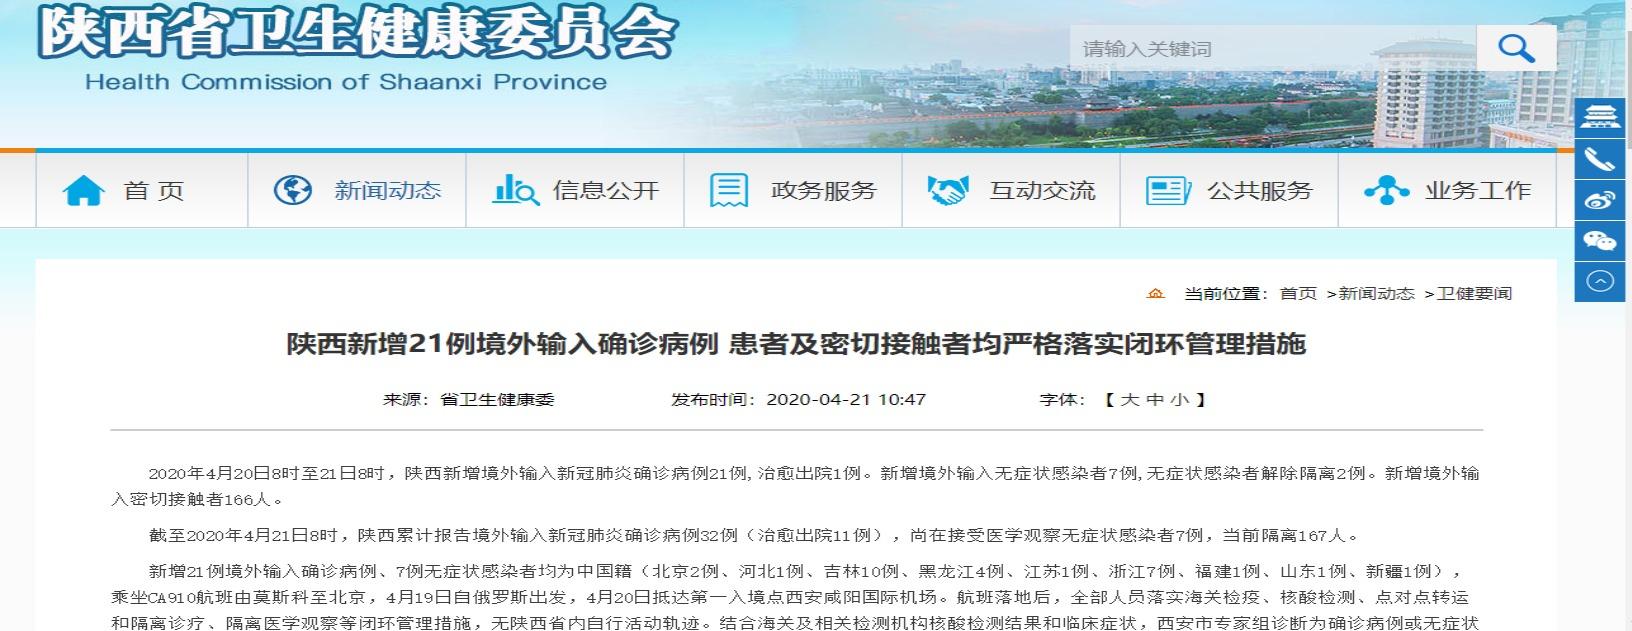 陕西新增21例境外输入确诊病例